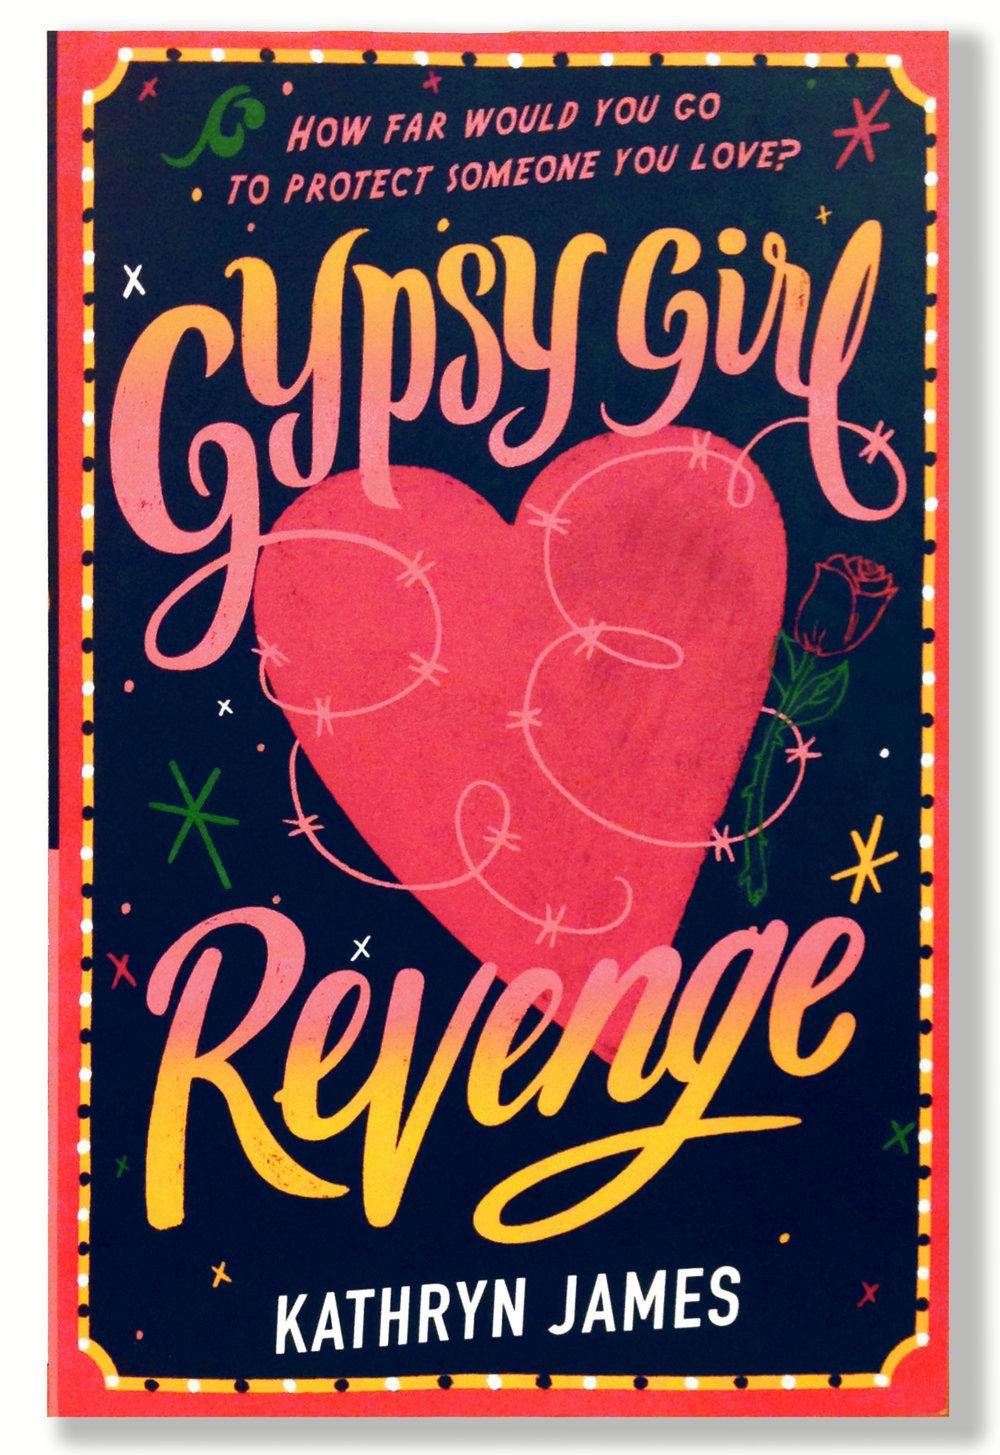 GypsyGirlPhoto.jpg